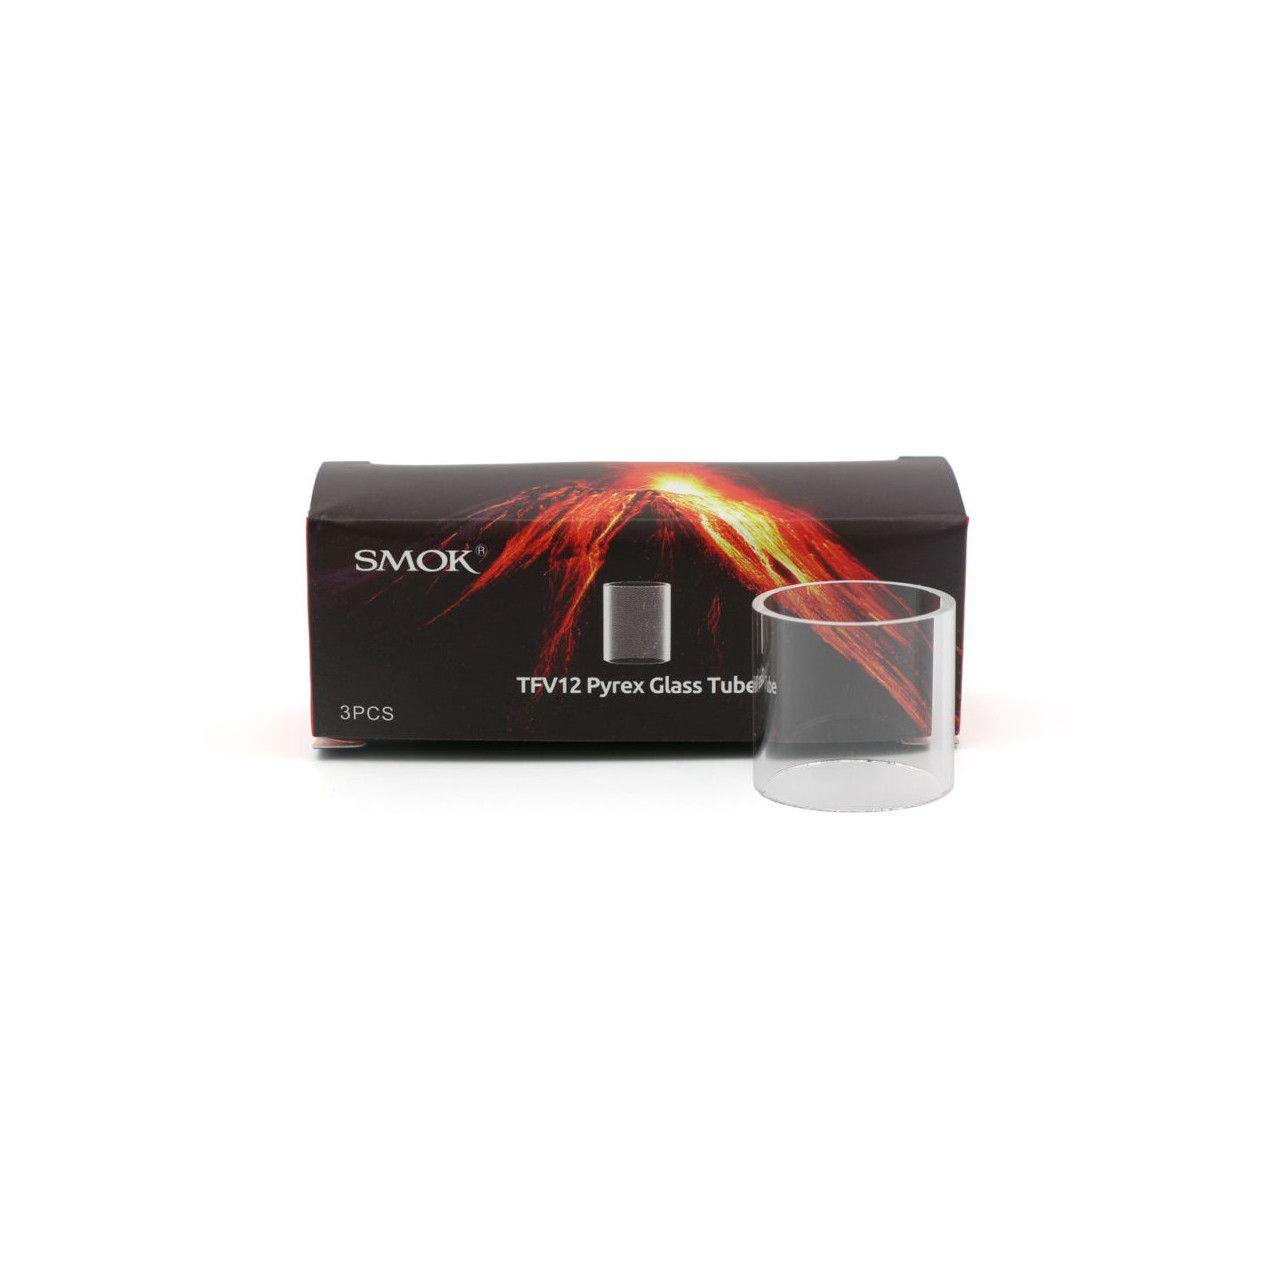 Tubo de Vidro de Reposição - Smok TFV12 6ml